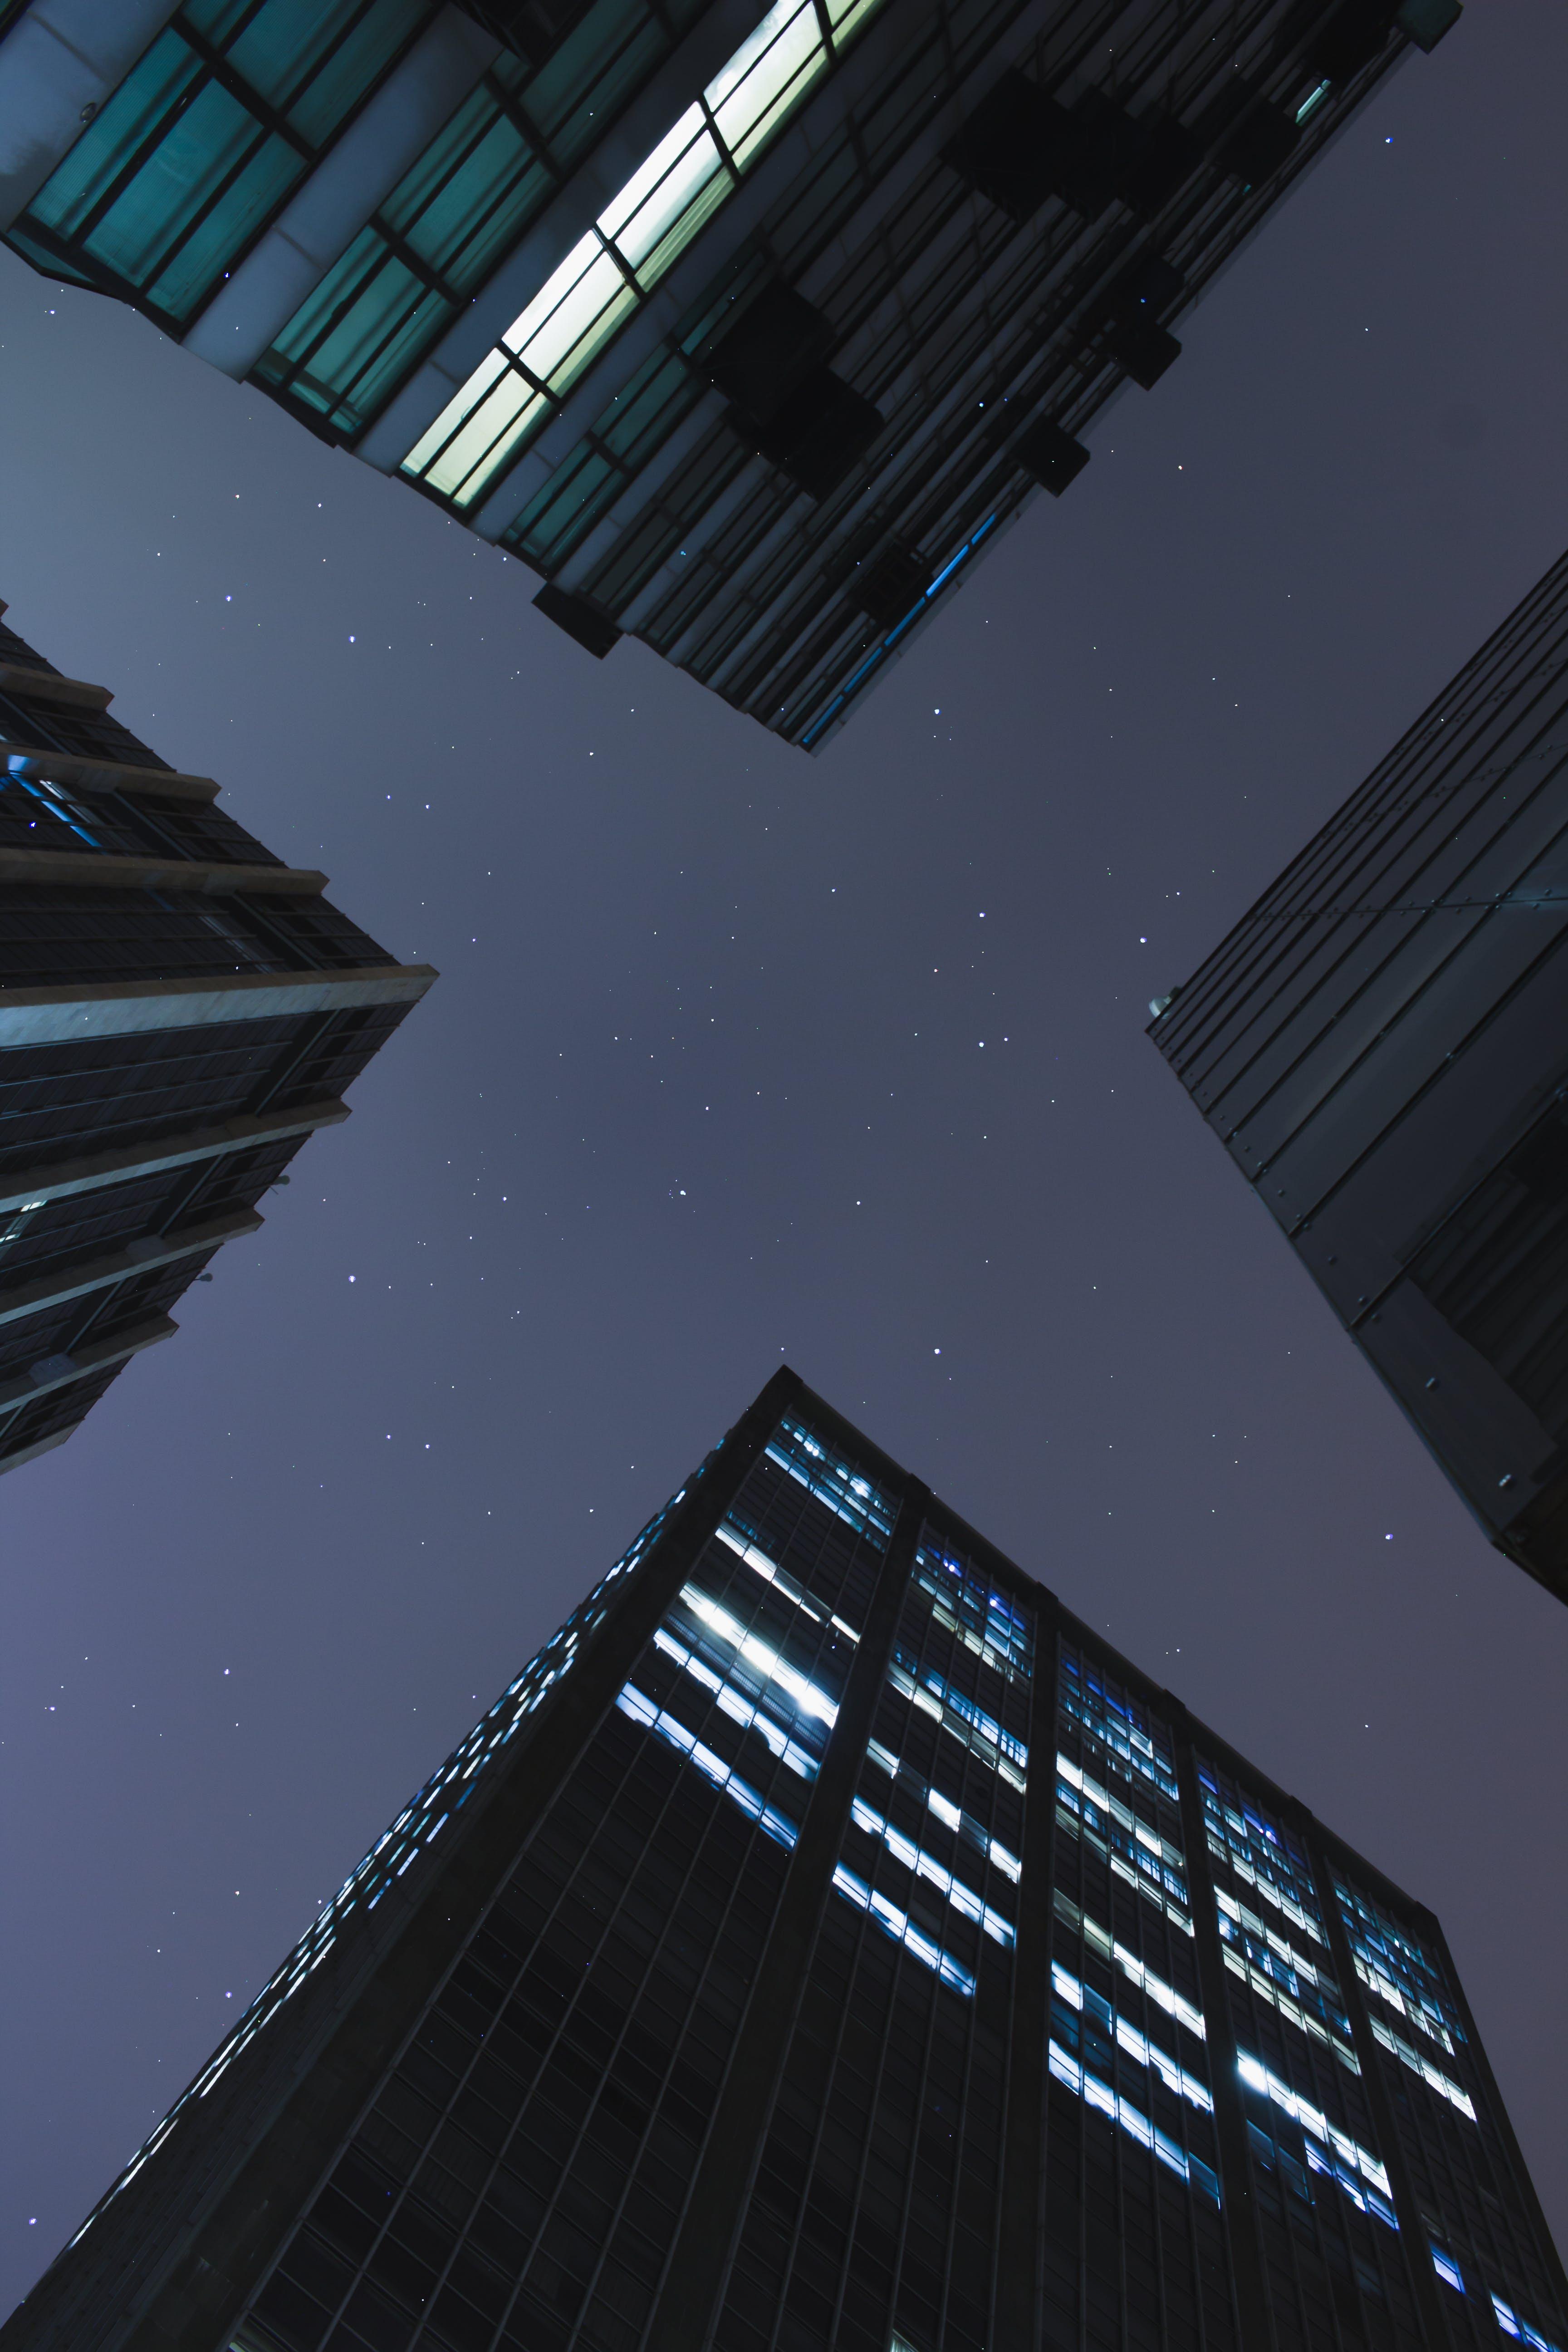 Kostenloses Stock Foto zu architektur, architekturdesign, aufnahme von unten, fassade